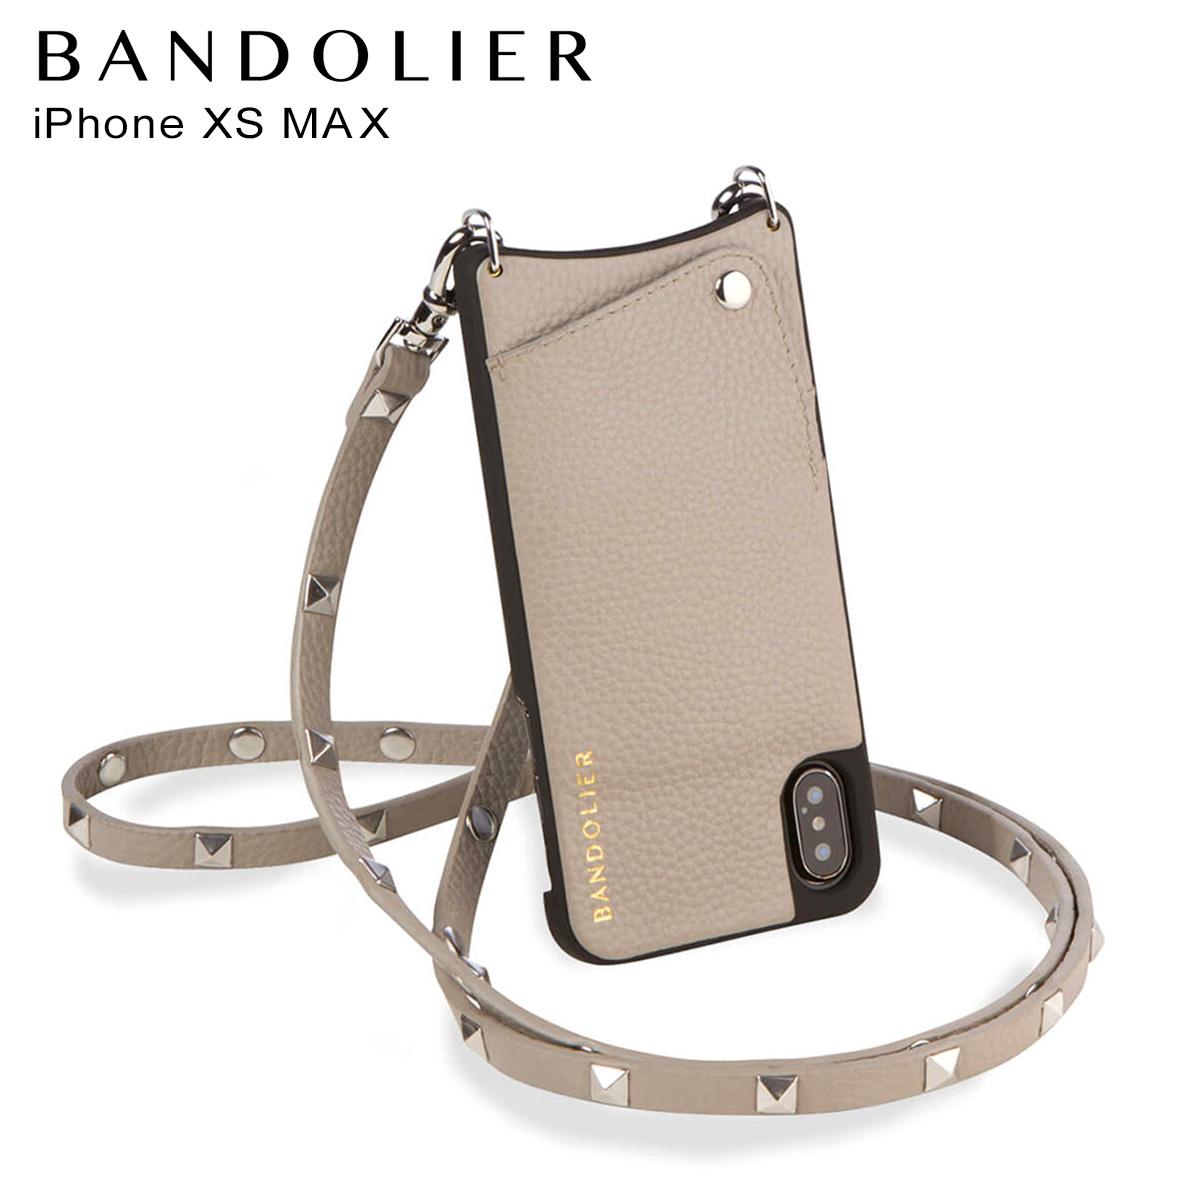 BANDOLIER iPhone XS MAX SARAH GREIGE バンドリヤー ケース スマホ アイフォン レザー メンズ レディース グレージュ 10SAR [7/30 再入荷]